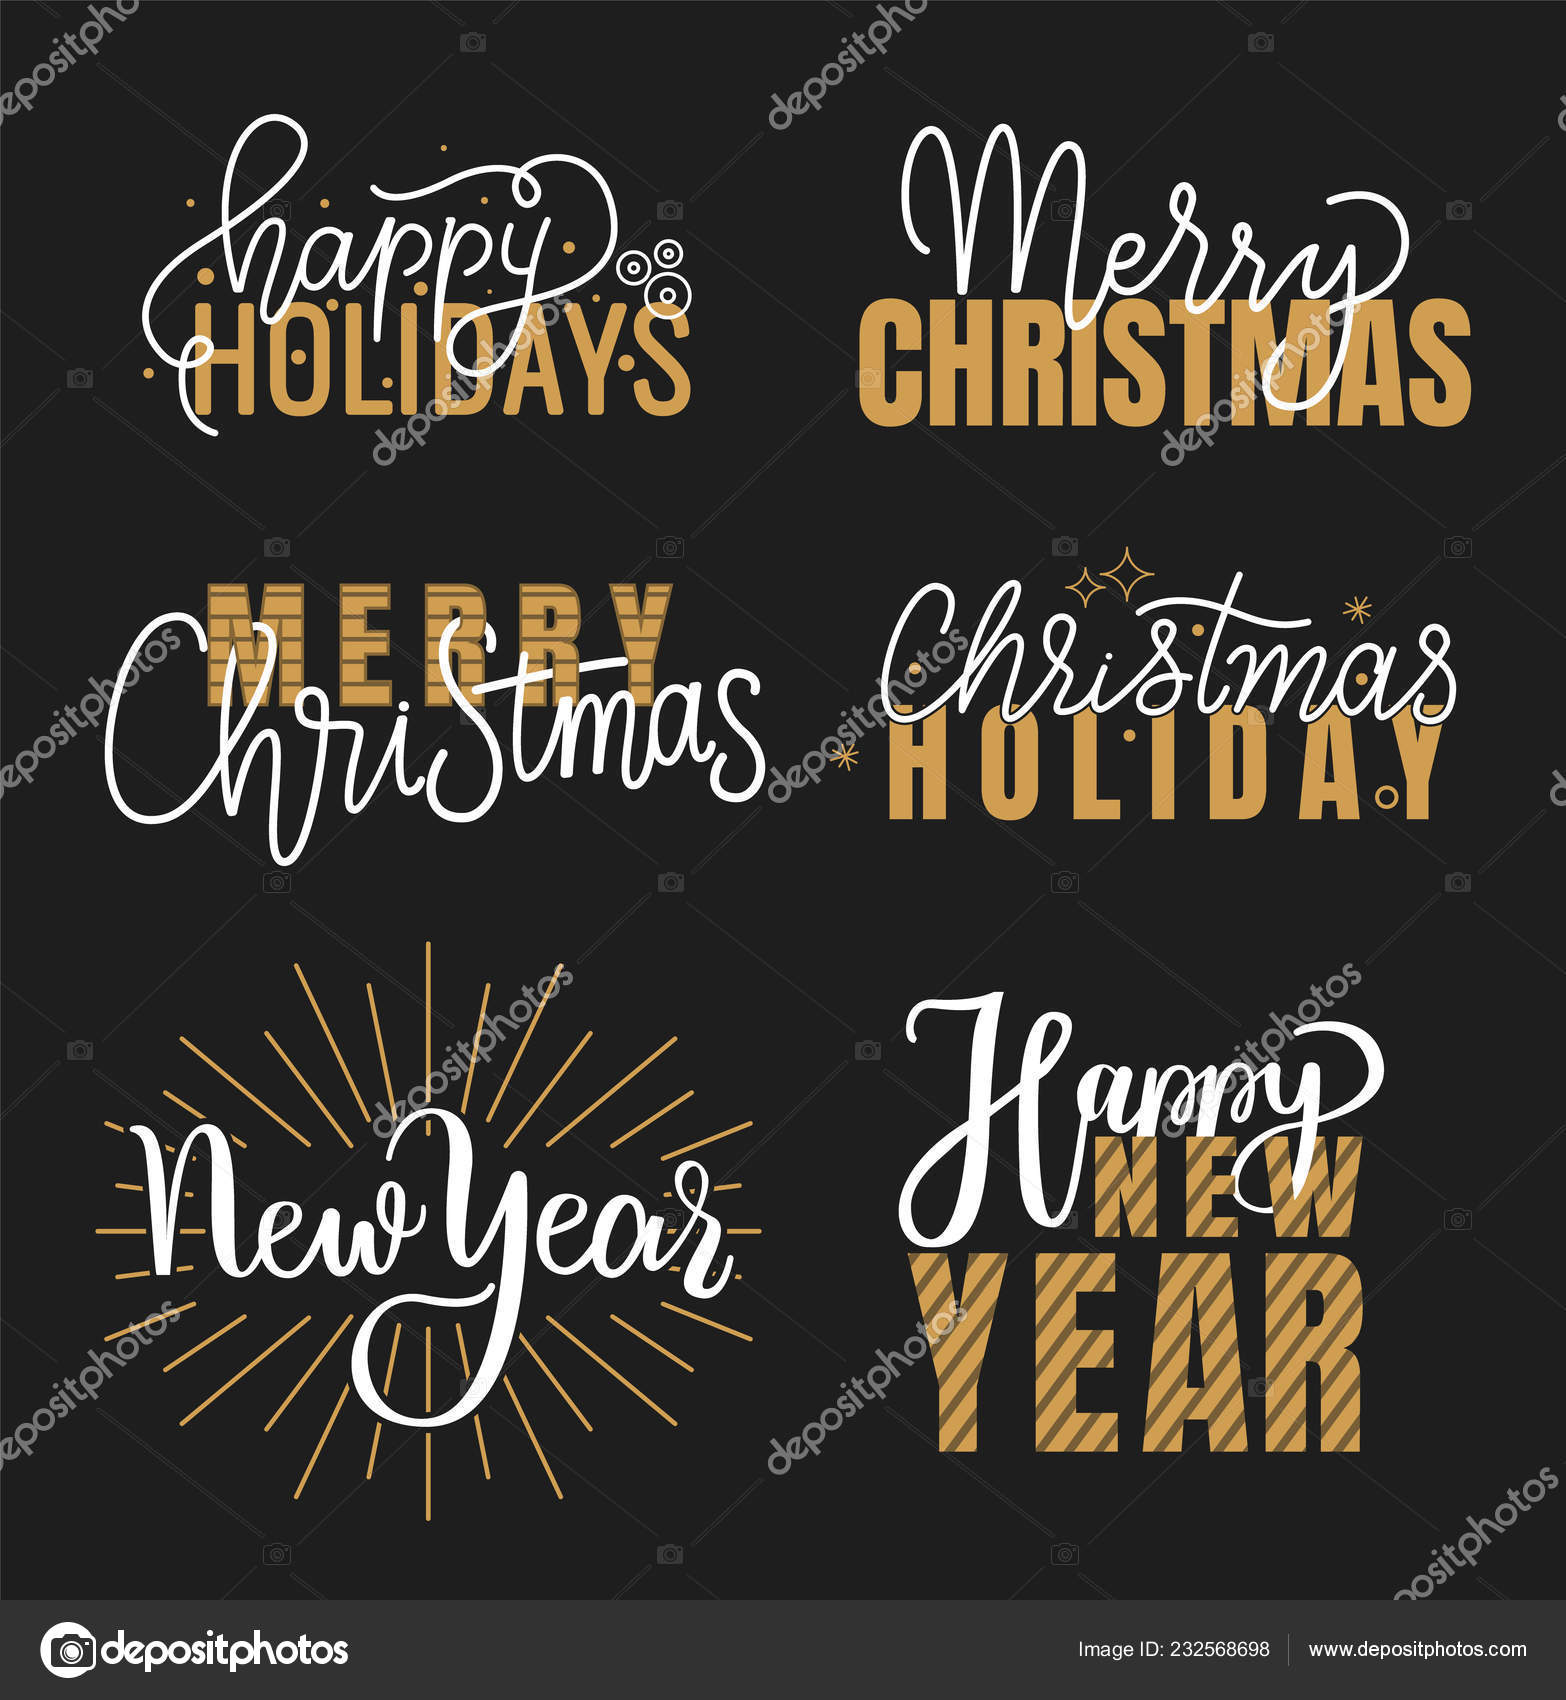 Deseos Para Feliz Navidad.Felices Fiestas Mejores Deseos Feliz Navidad Brillante